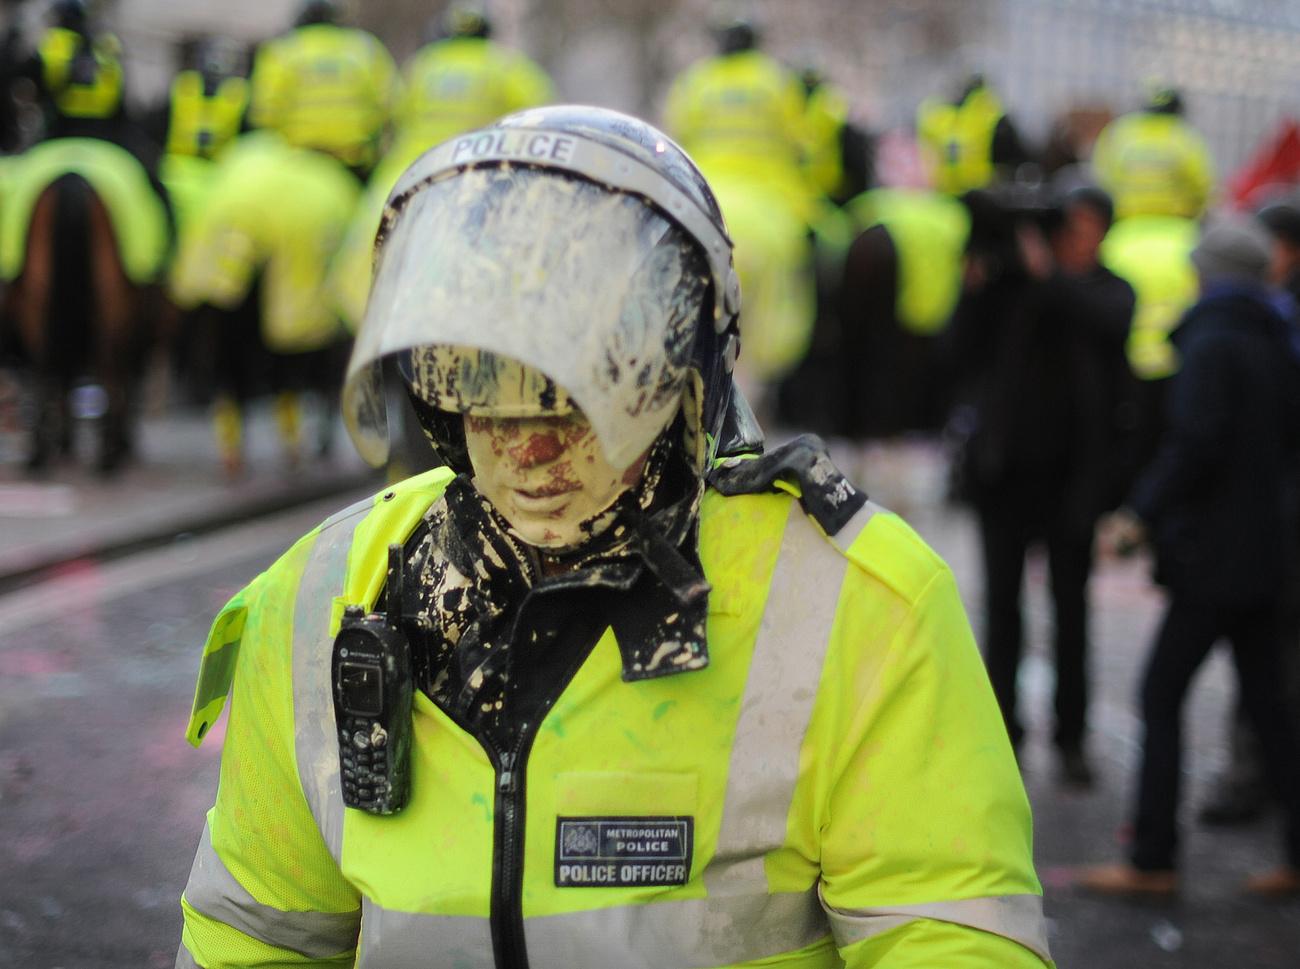 Nick Clegg miniszterelnök-helyettes a Downing Street 10 előtt